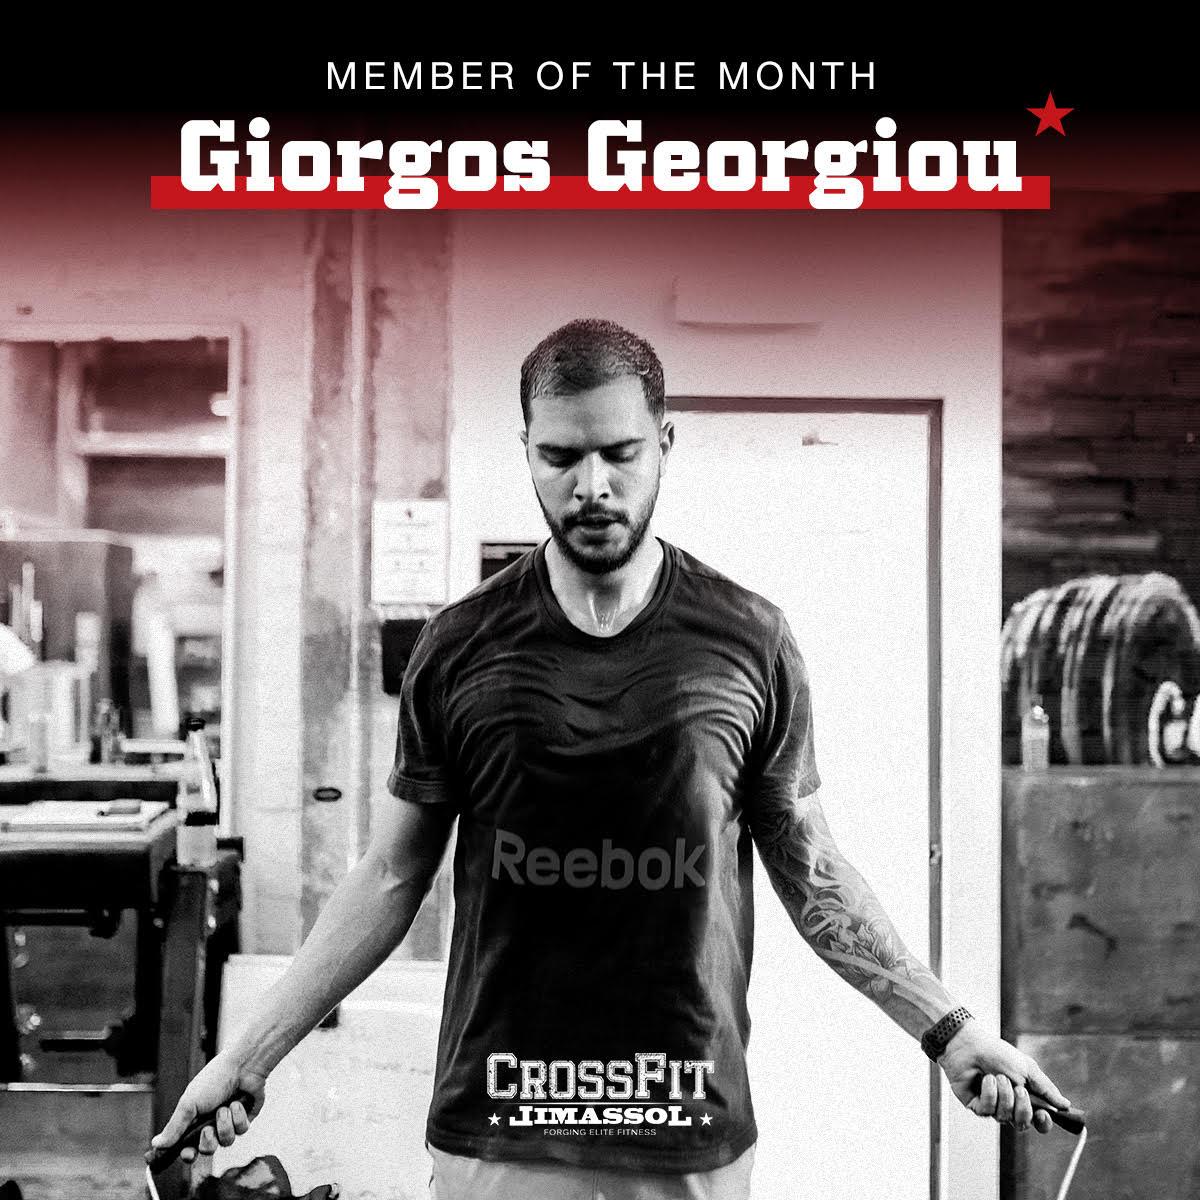 member-of-the-month-september